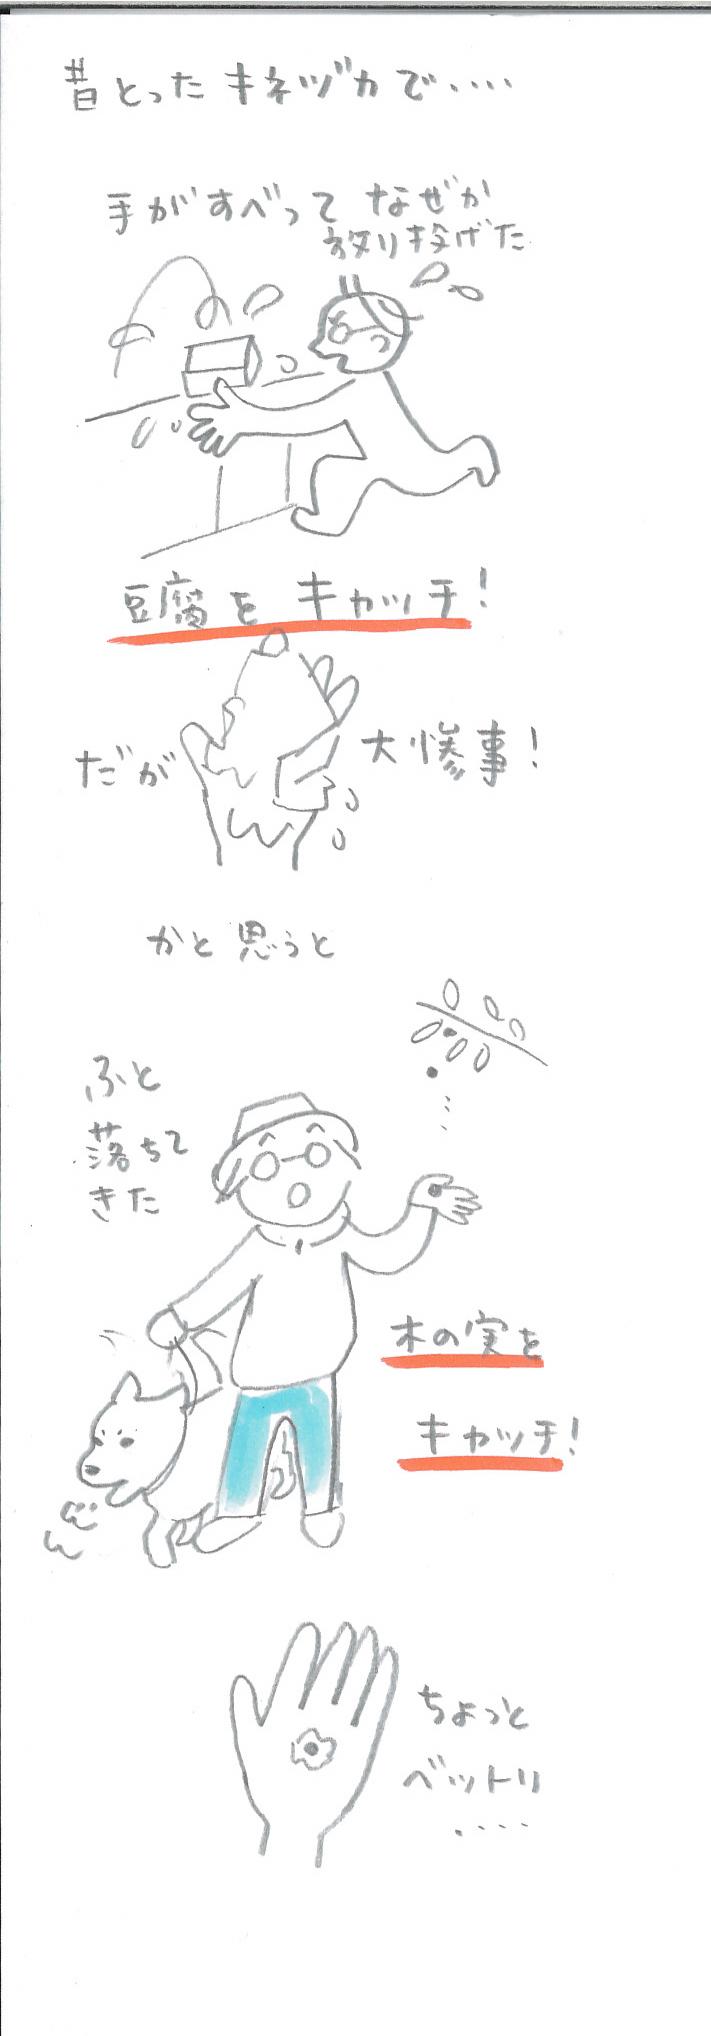 キャッチャー_001